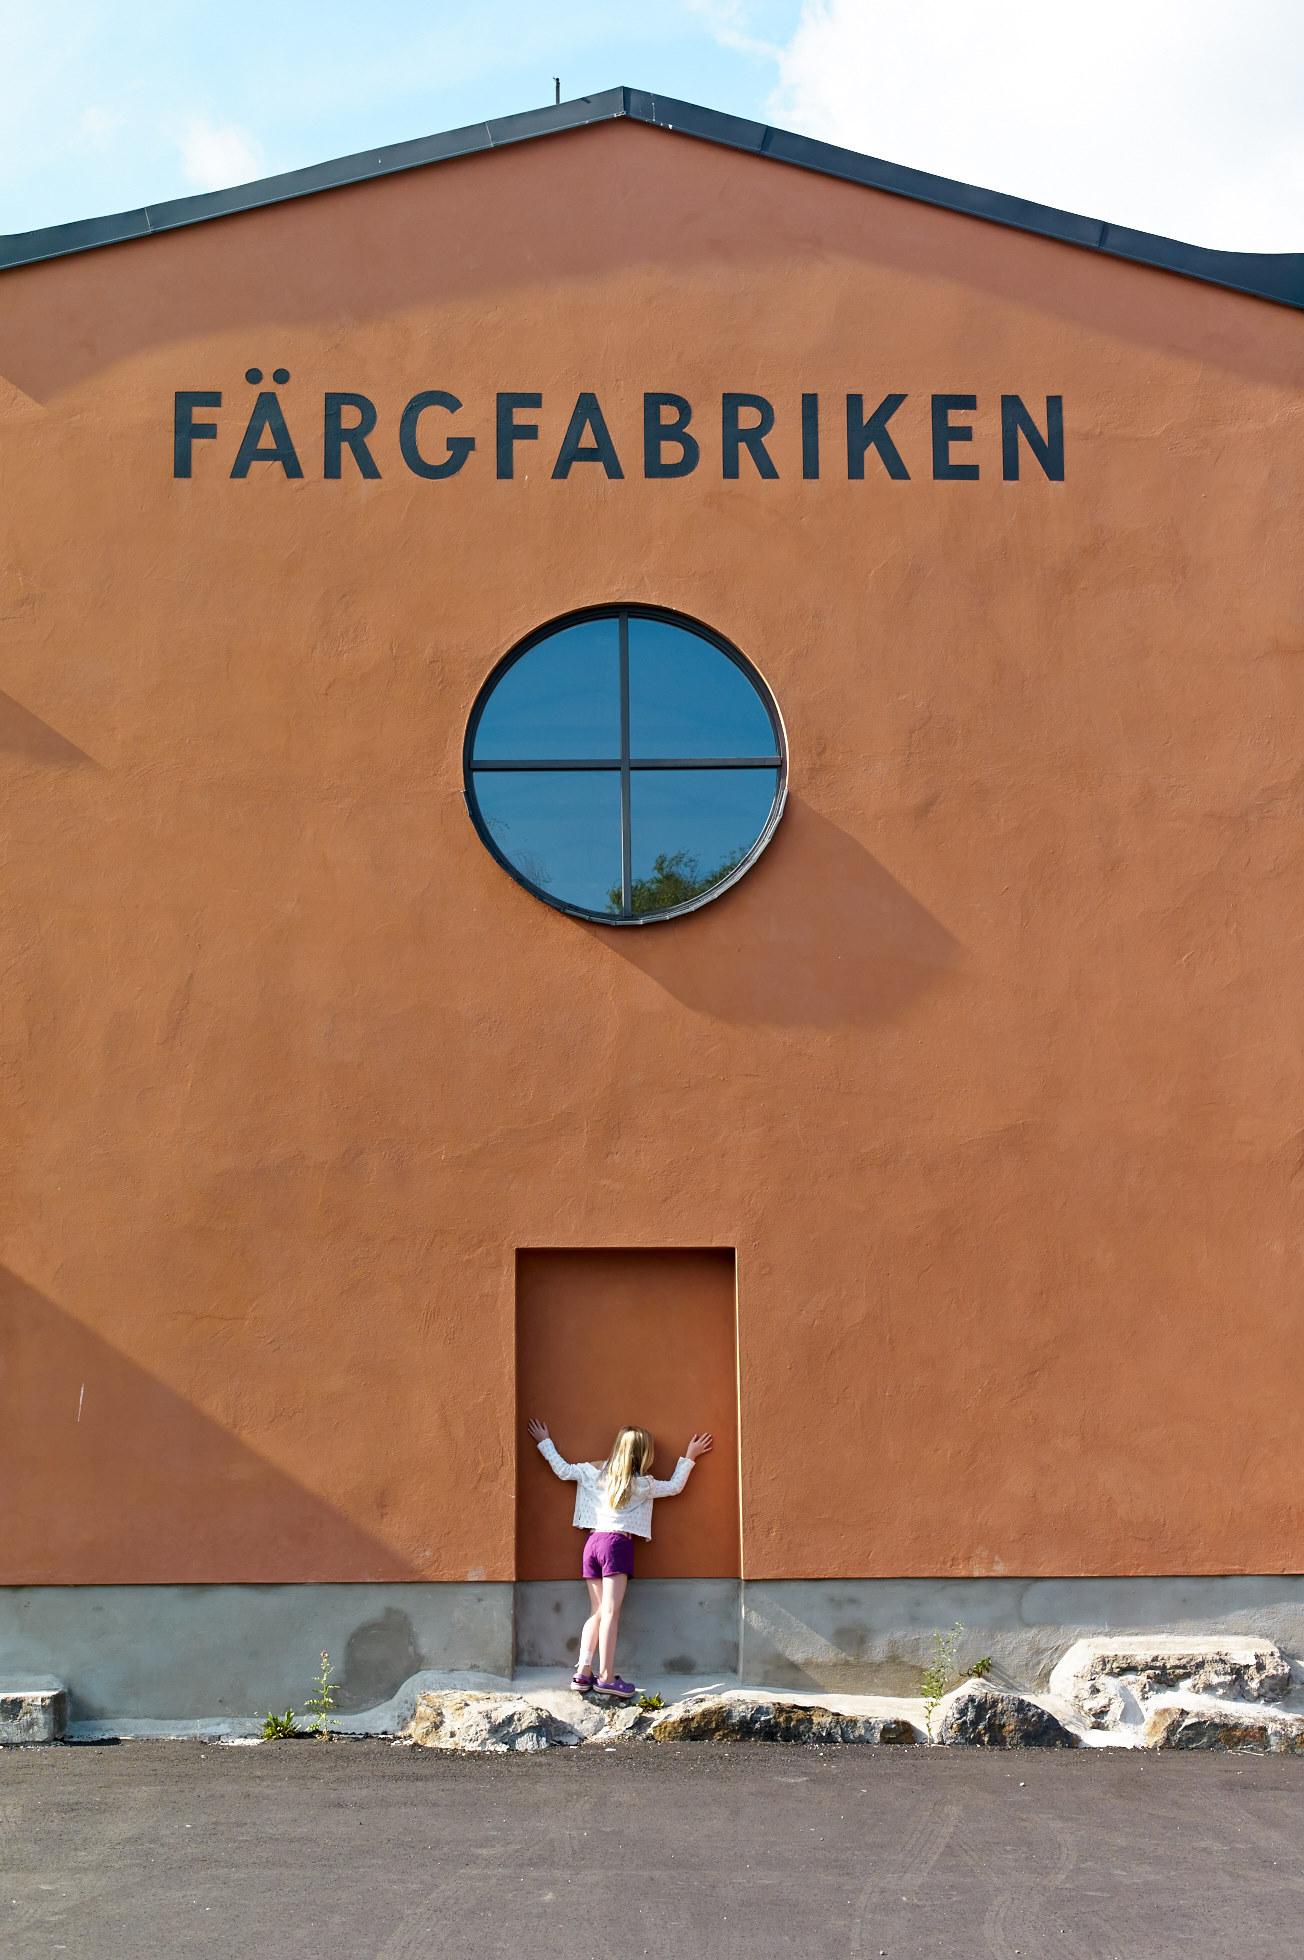 14-08-09_L1006239_konstkurs-och-fargfabriken